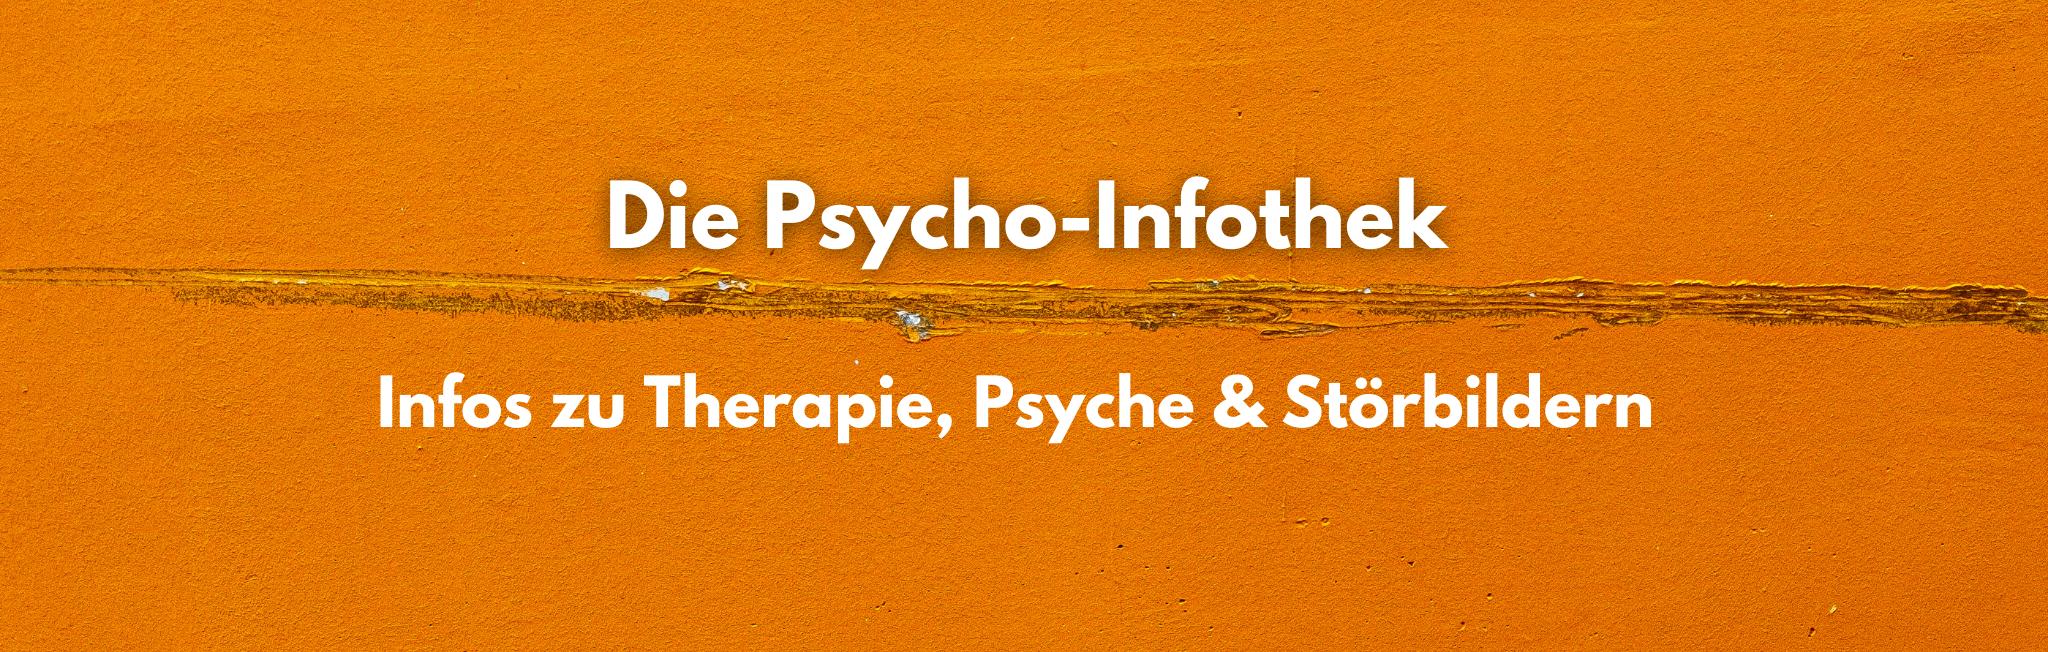 Infos zu Therapie, Psyche und Störbildern